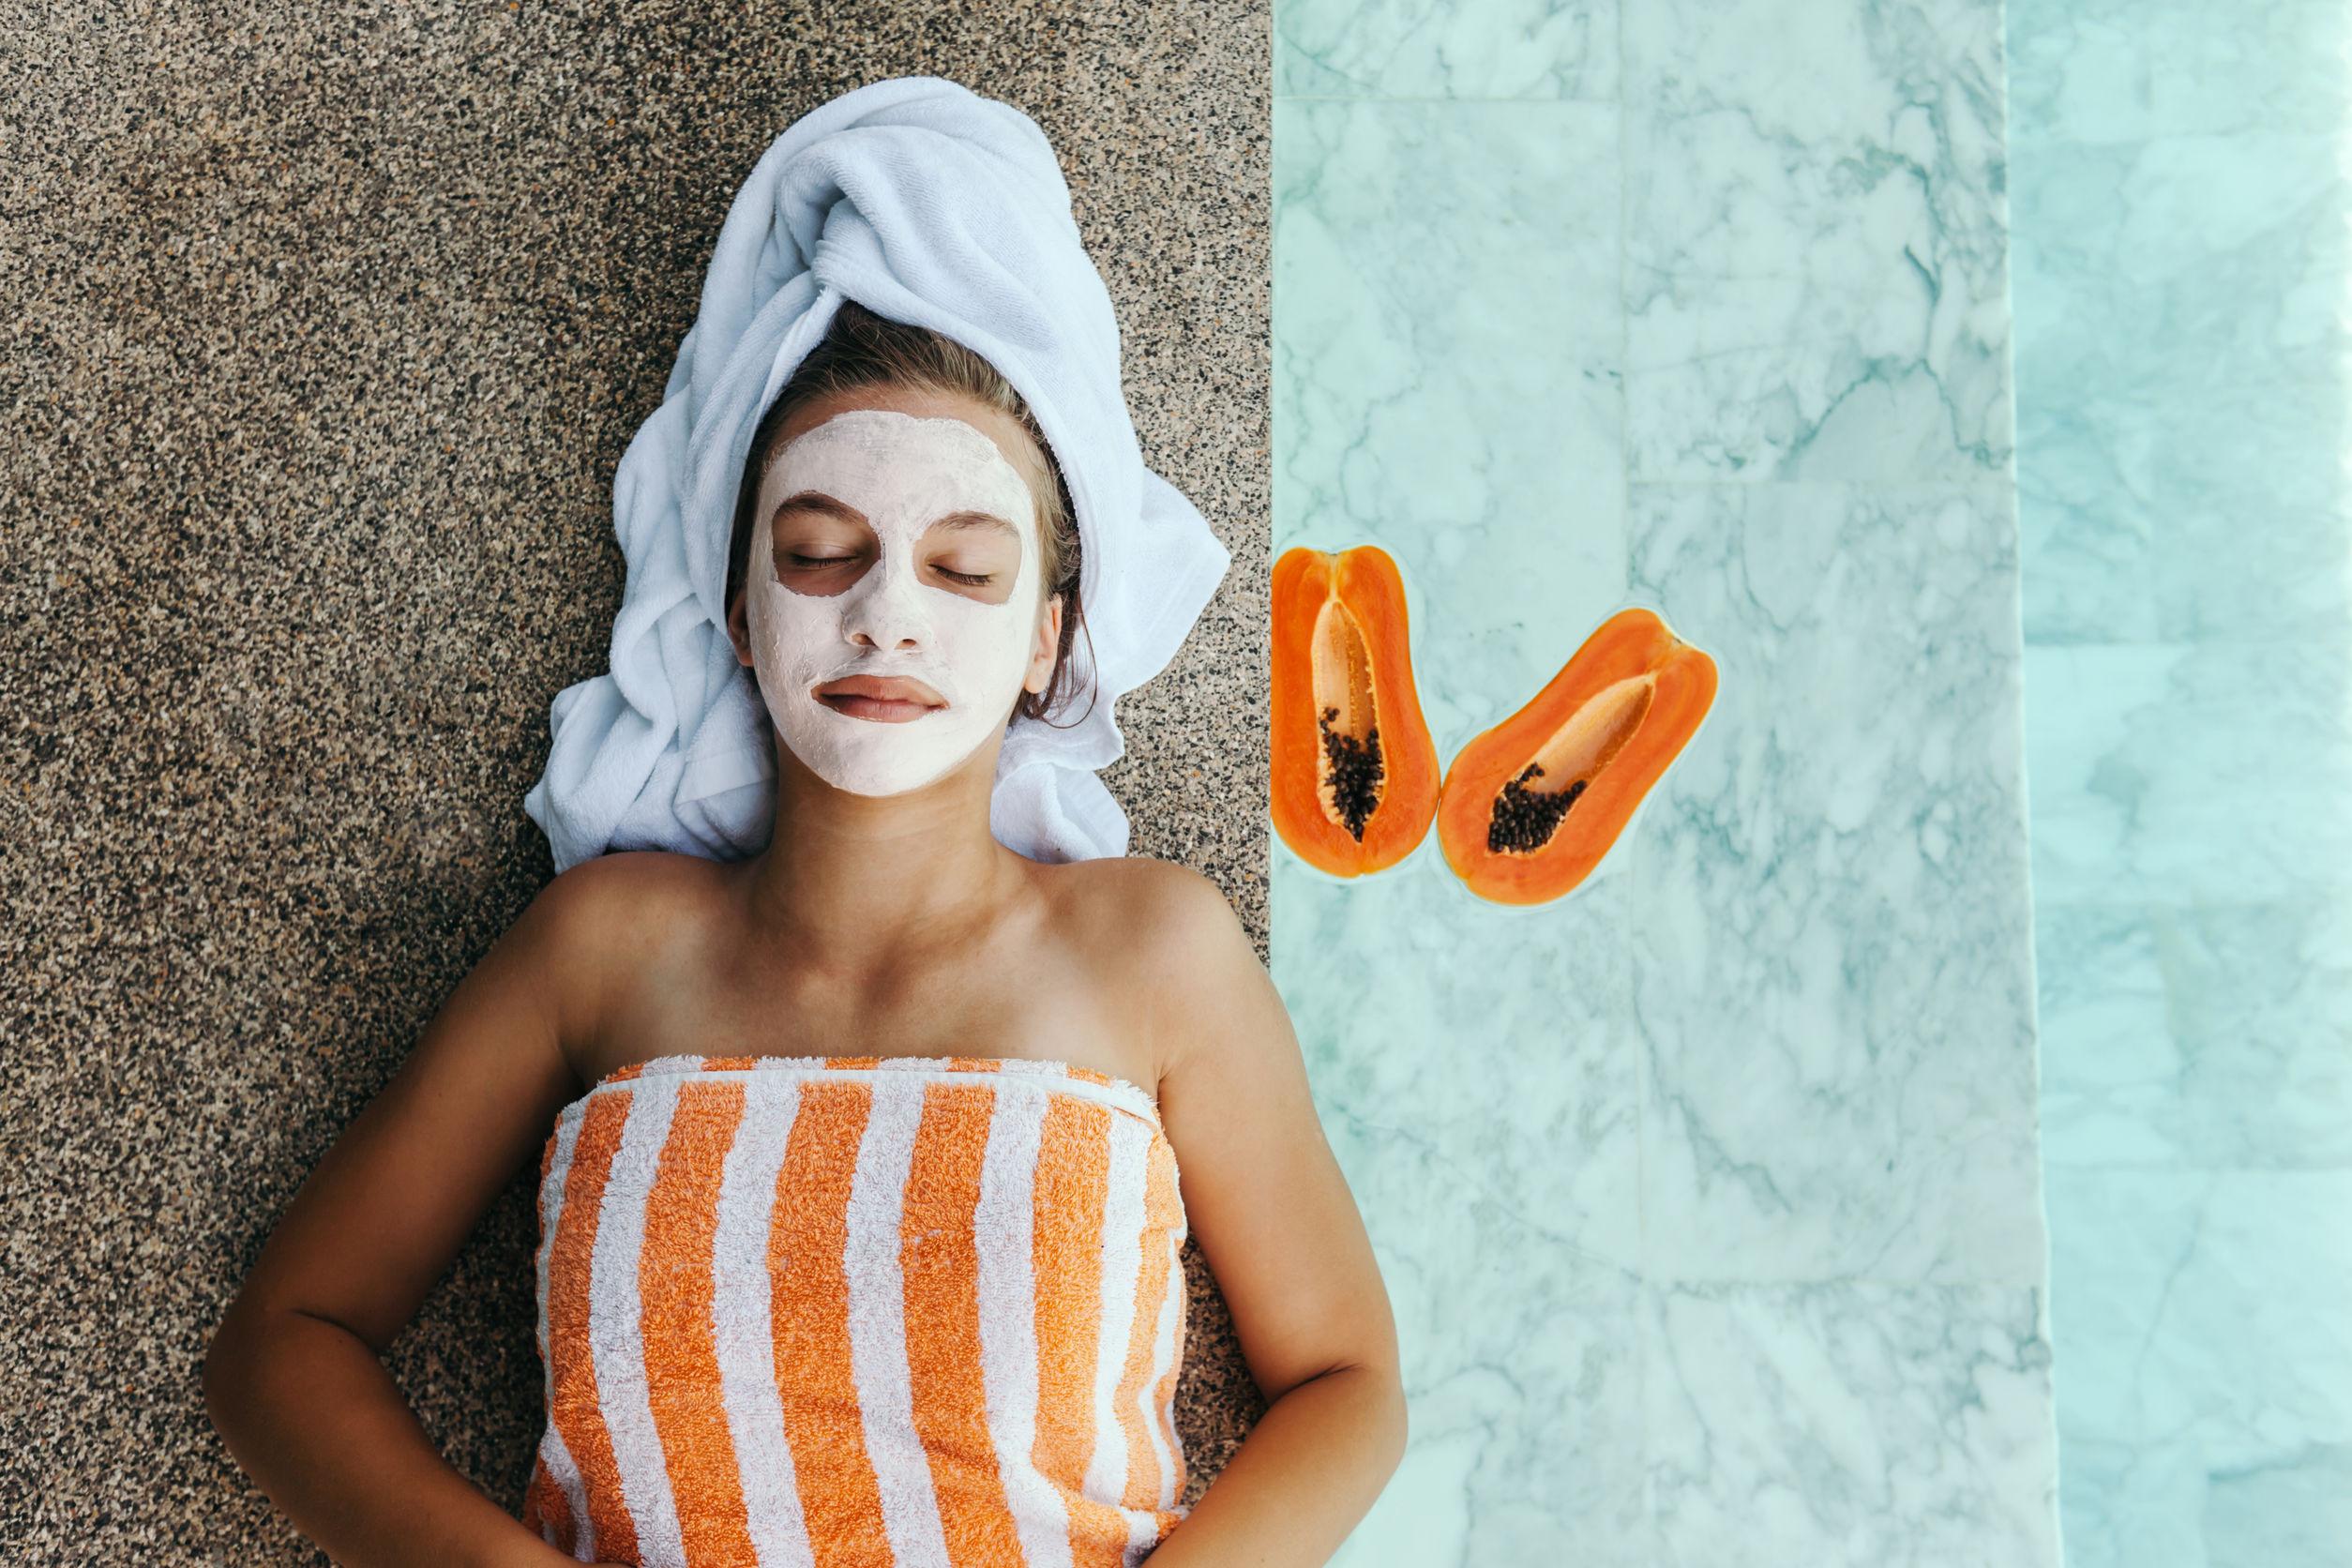 Gesichtsmaske: Test & Empfehlungen (04/20)